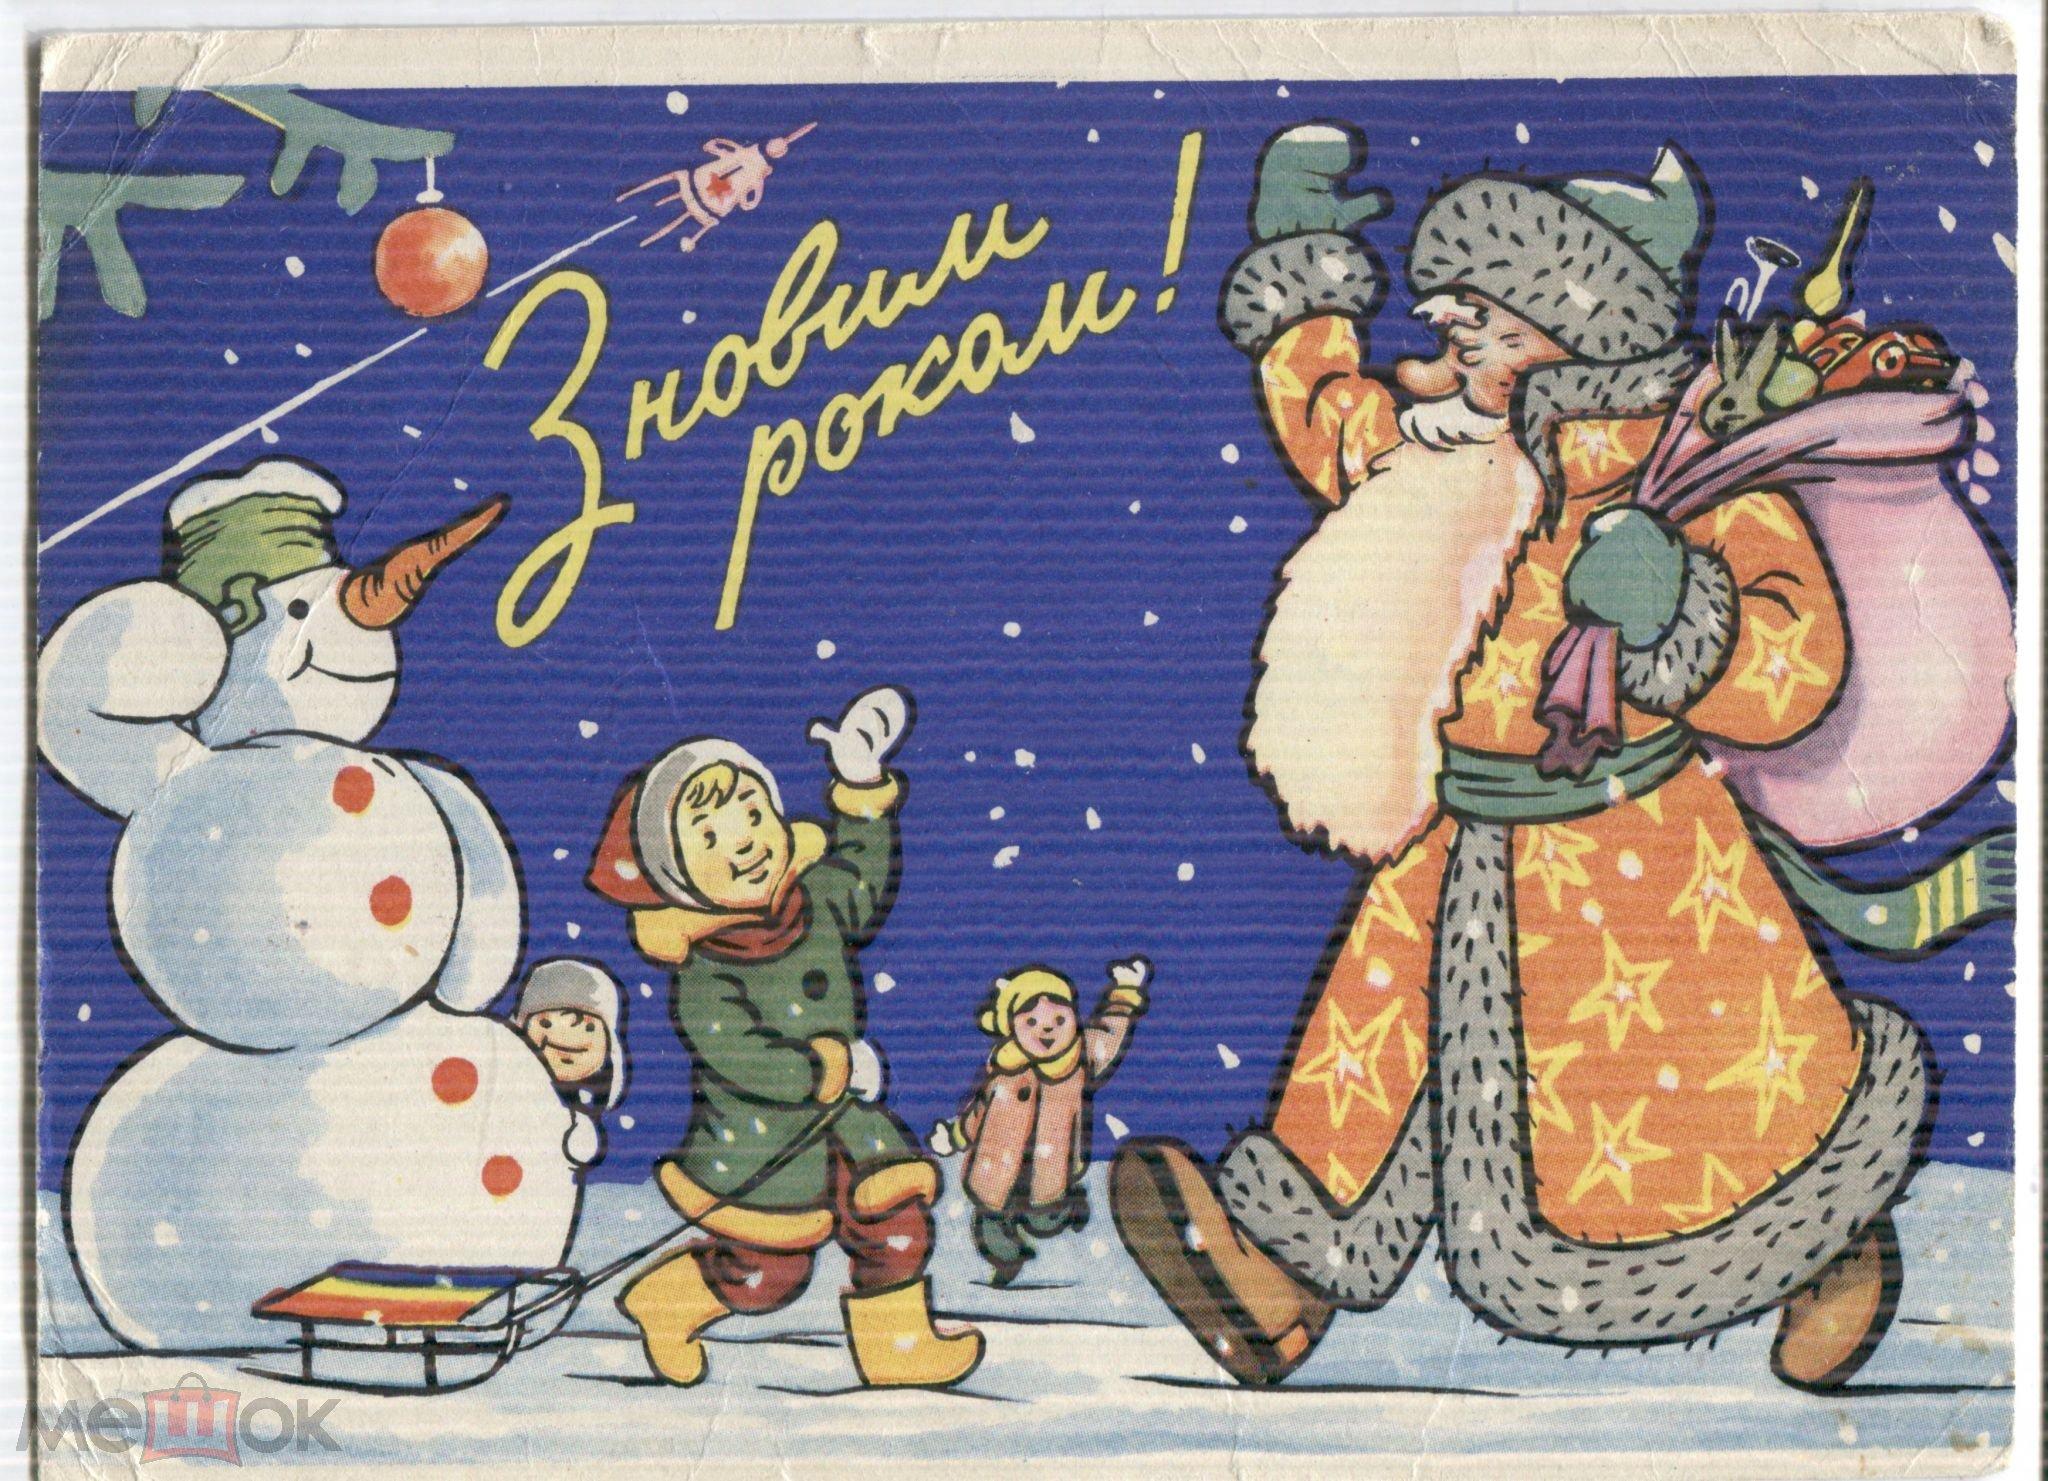 Дыроколов, цена советских открыток 1961 года